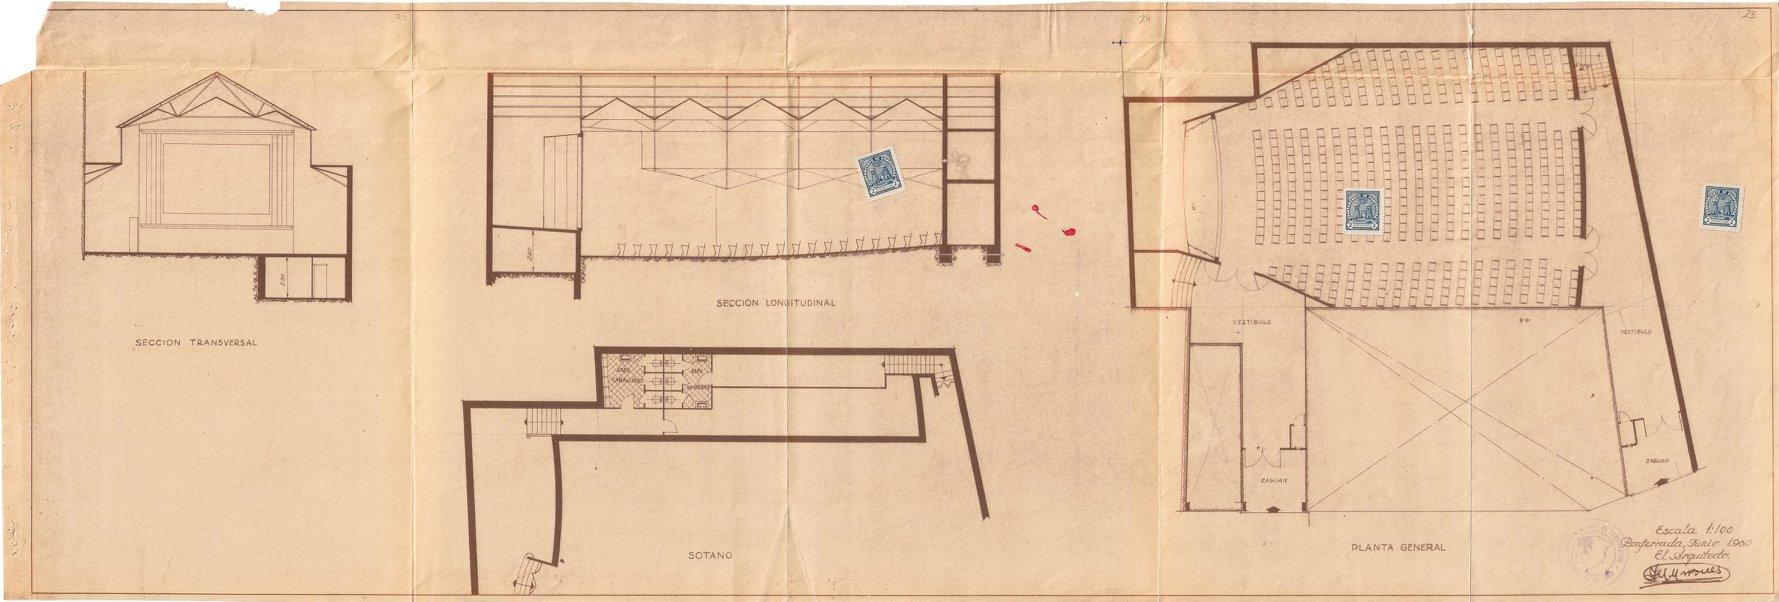 La Casa de la Cultura de Ponferrada recuerda el desaparecido Teatro Adriano en la exposición online 'La arquitectura de la ciudad del dólar' 4